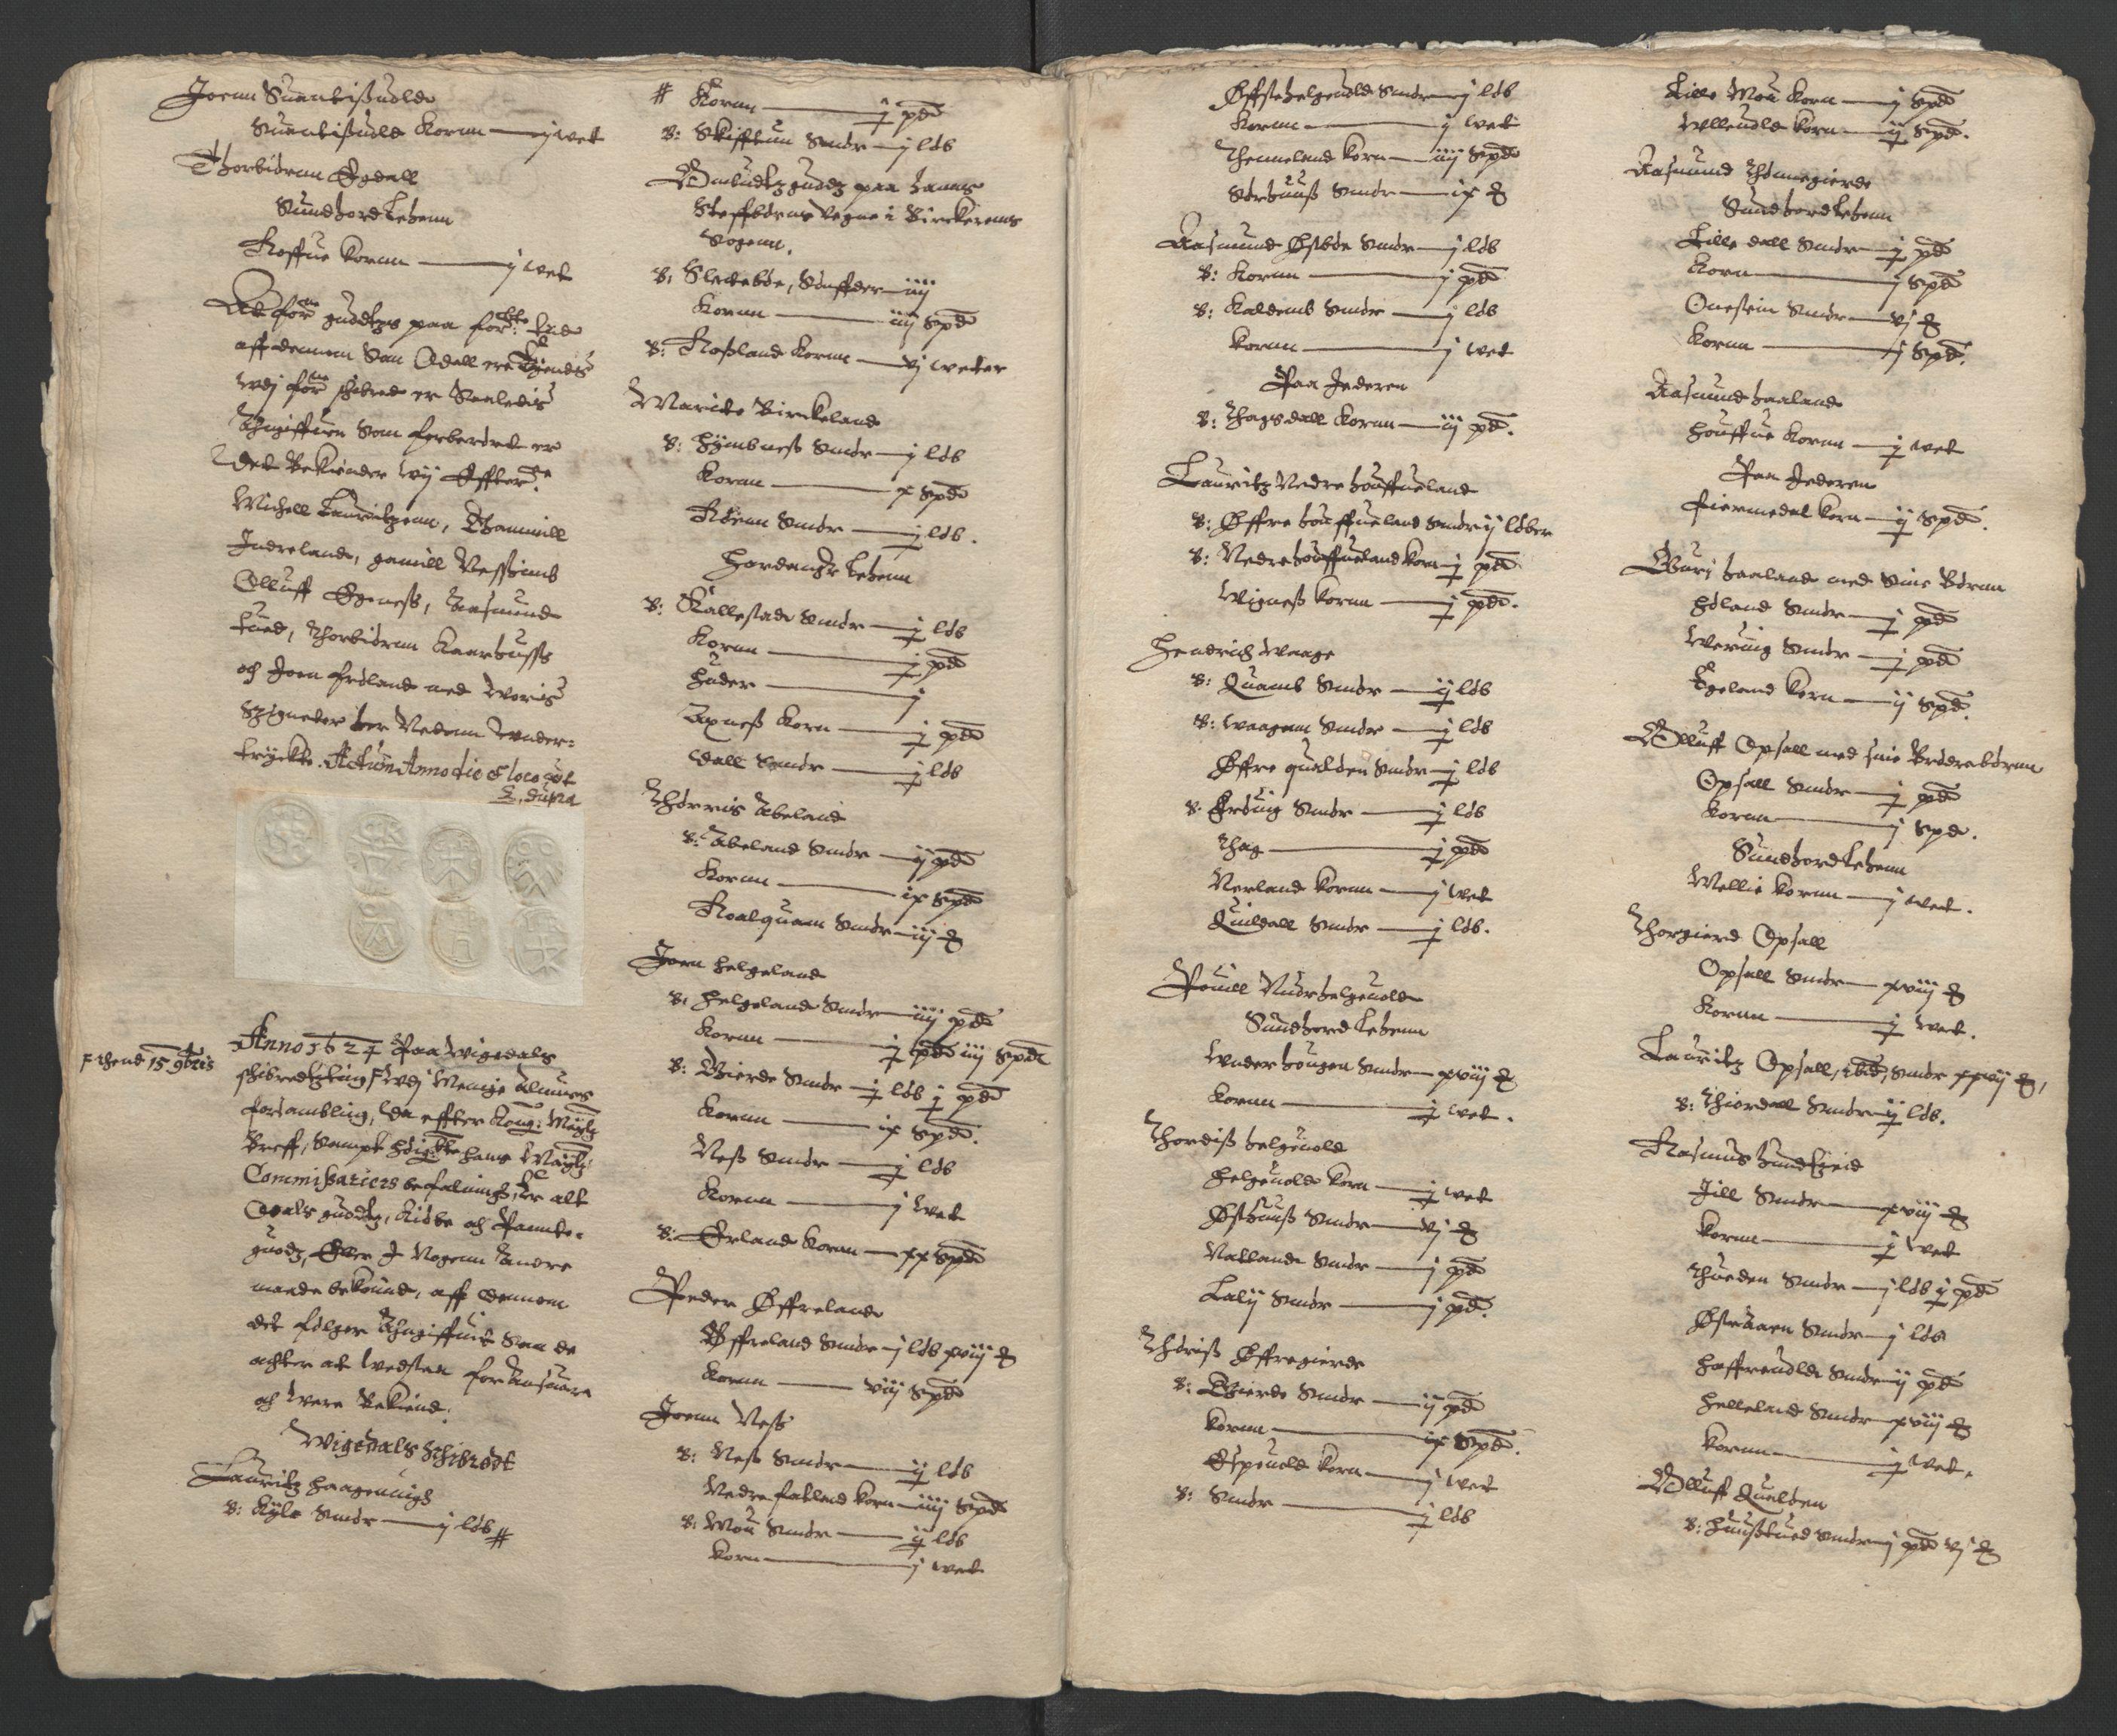 RA, Stattholderembetet 1572-1771, Ek/L0010: Jordebøker til utlikning av rosstjeneste 1624-1626:, 1624-1626, s. 17